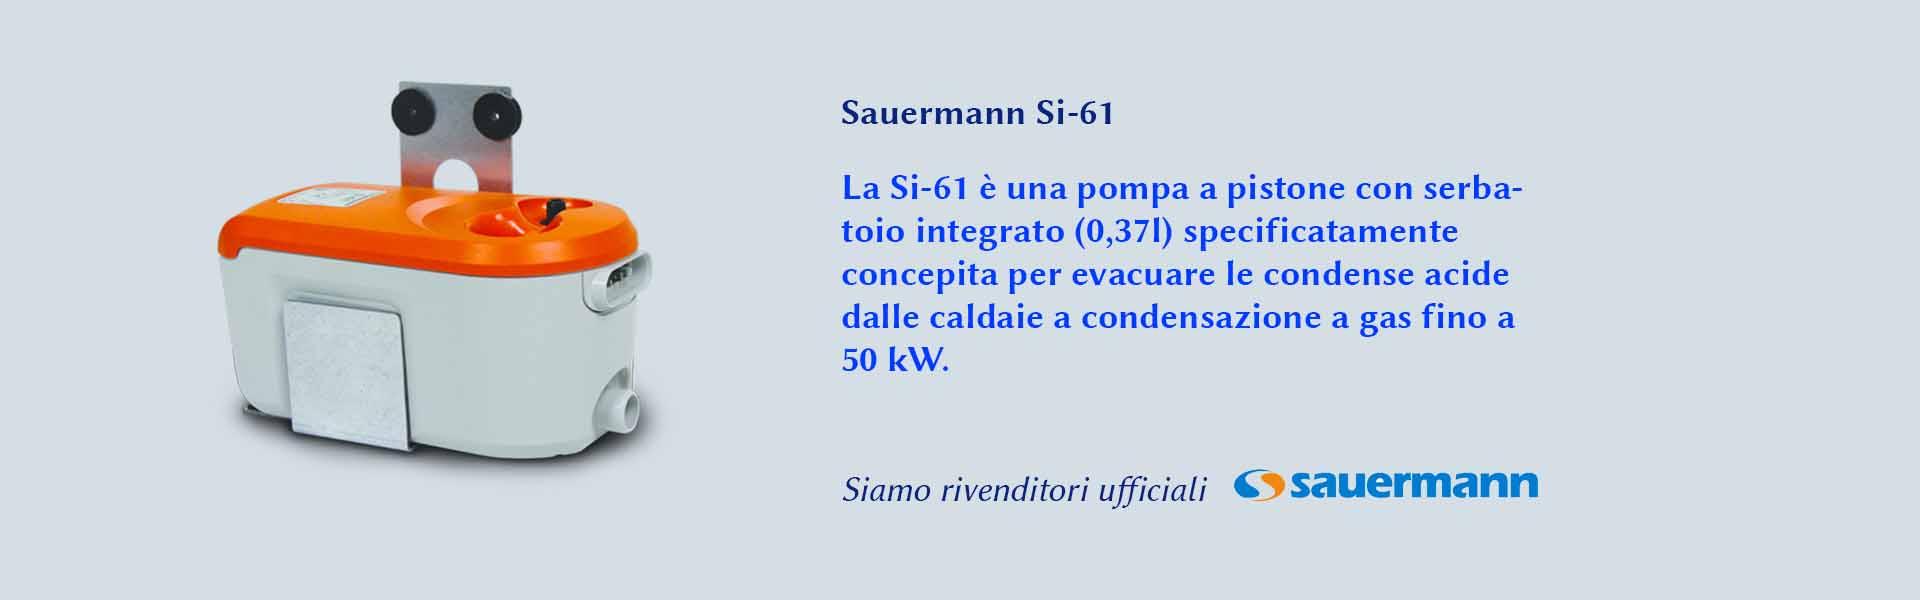 Si-61 Sauermann pompa pistone a serbatoio integrato